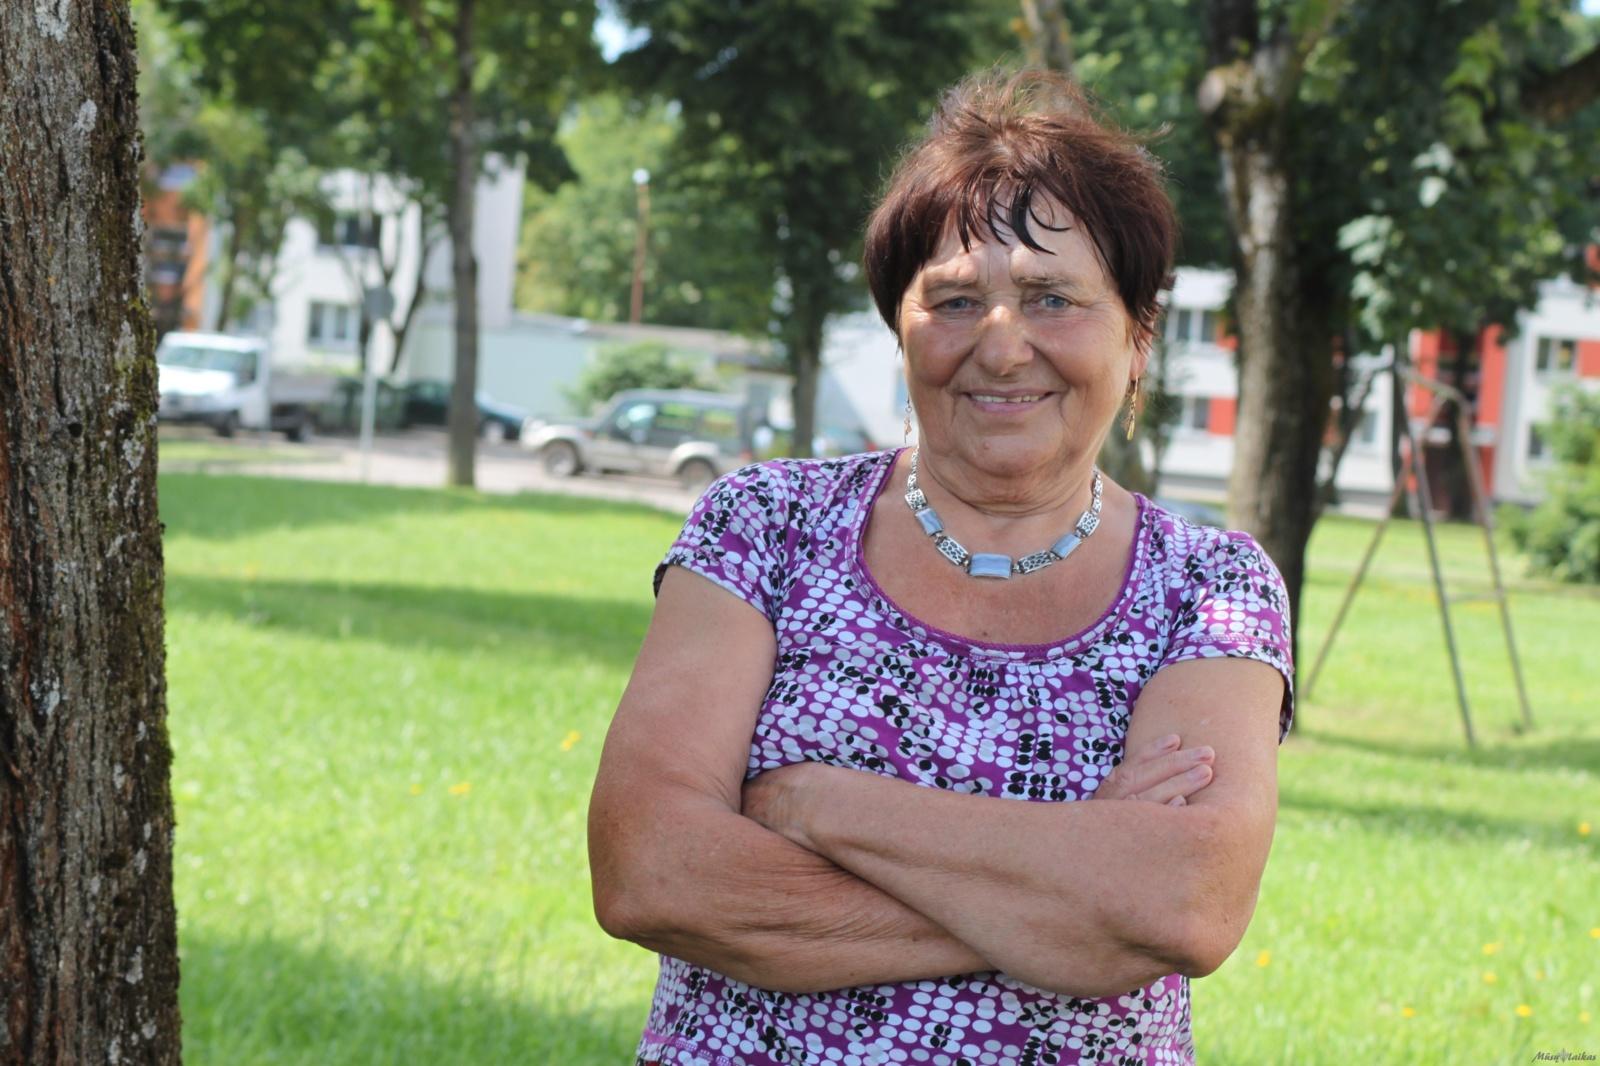 Laužo lietuvių senjorų stereotipus – po pasaulį keliauja iš pensijos